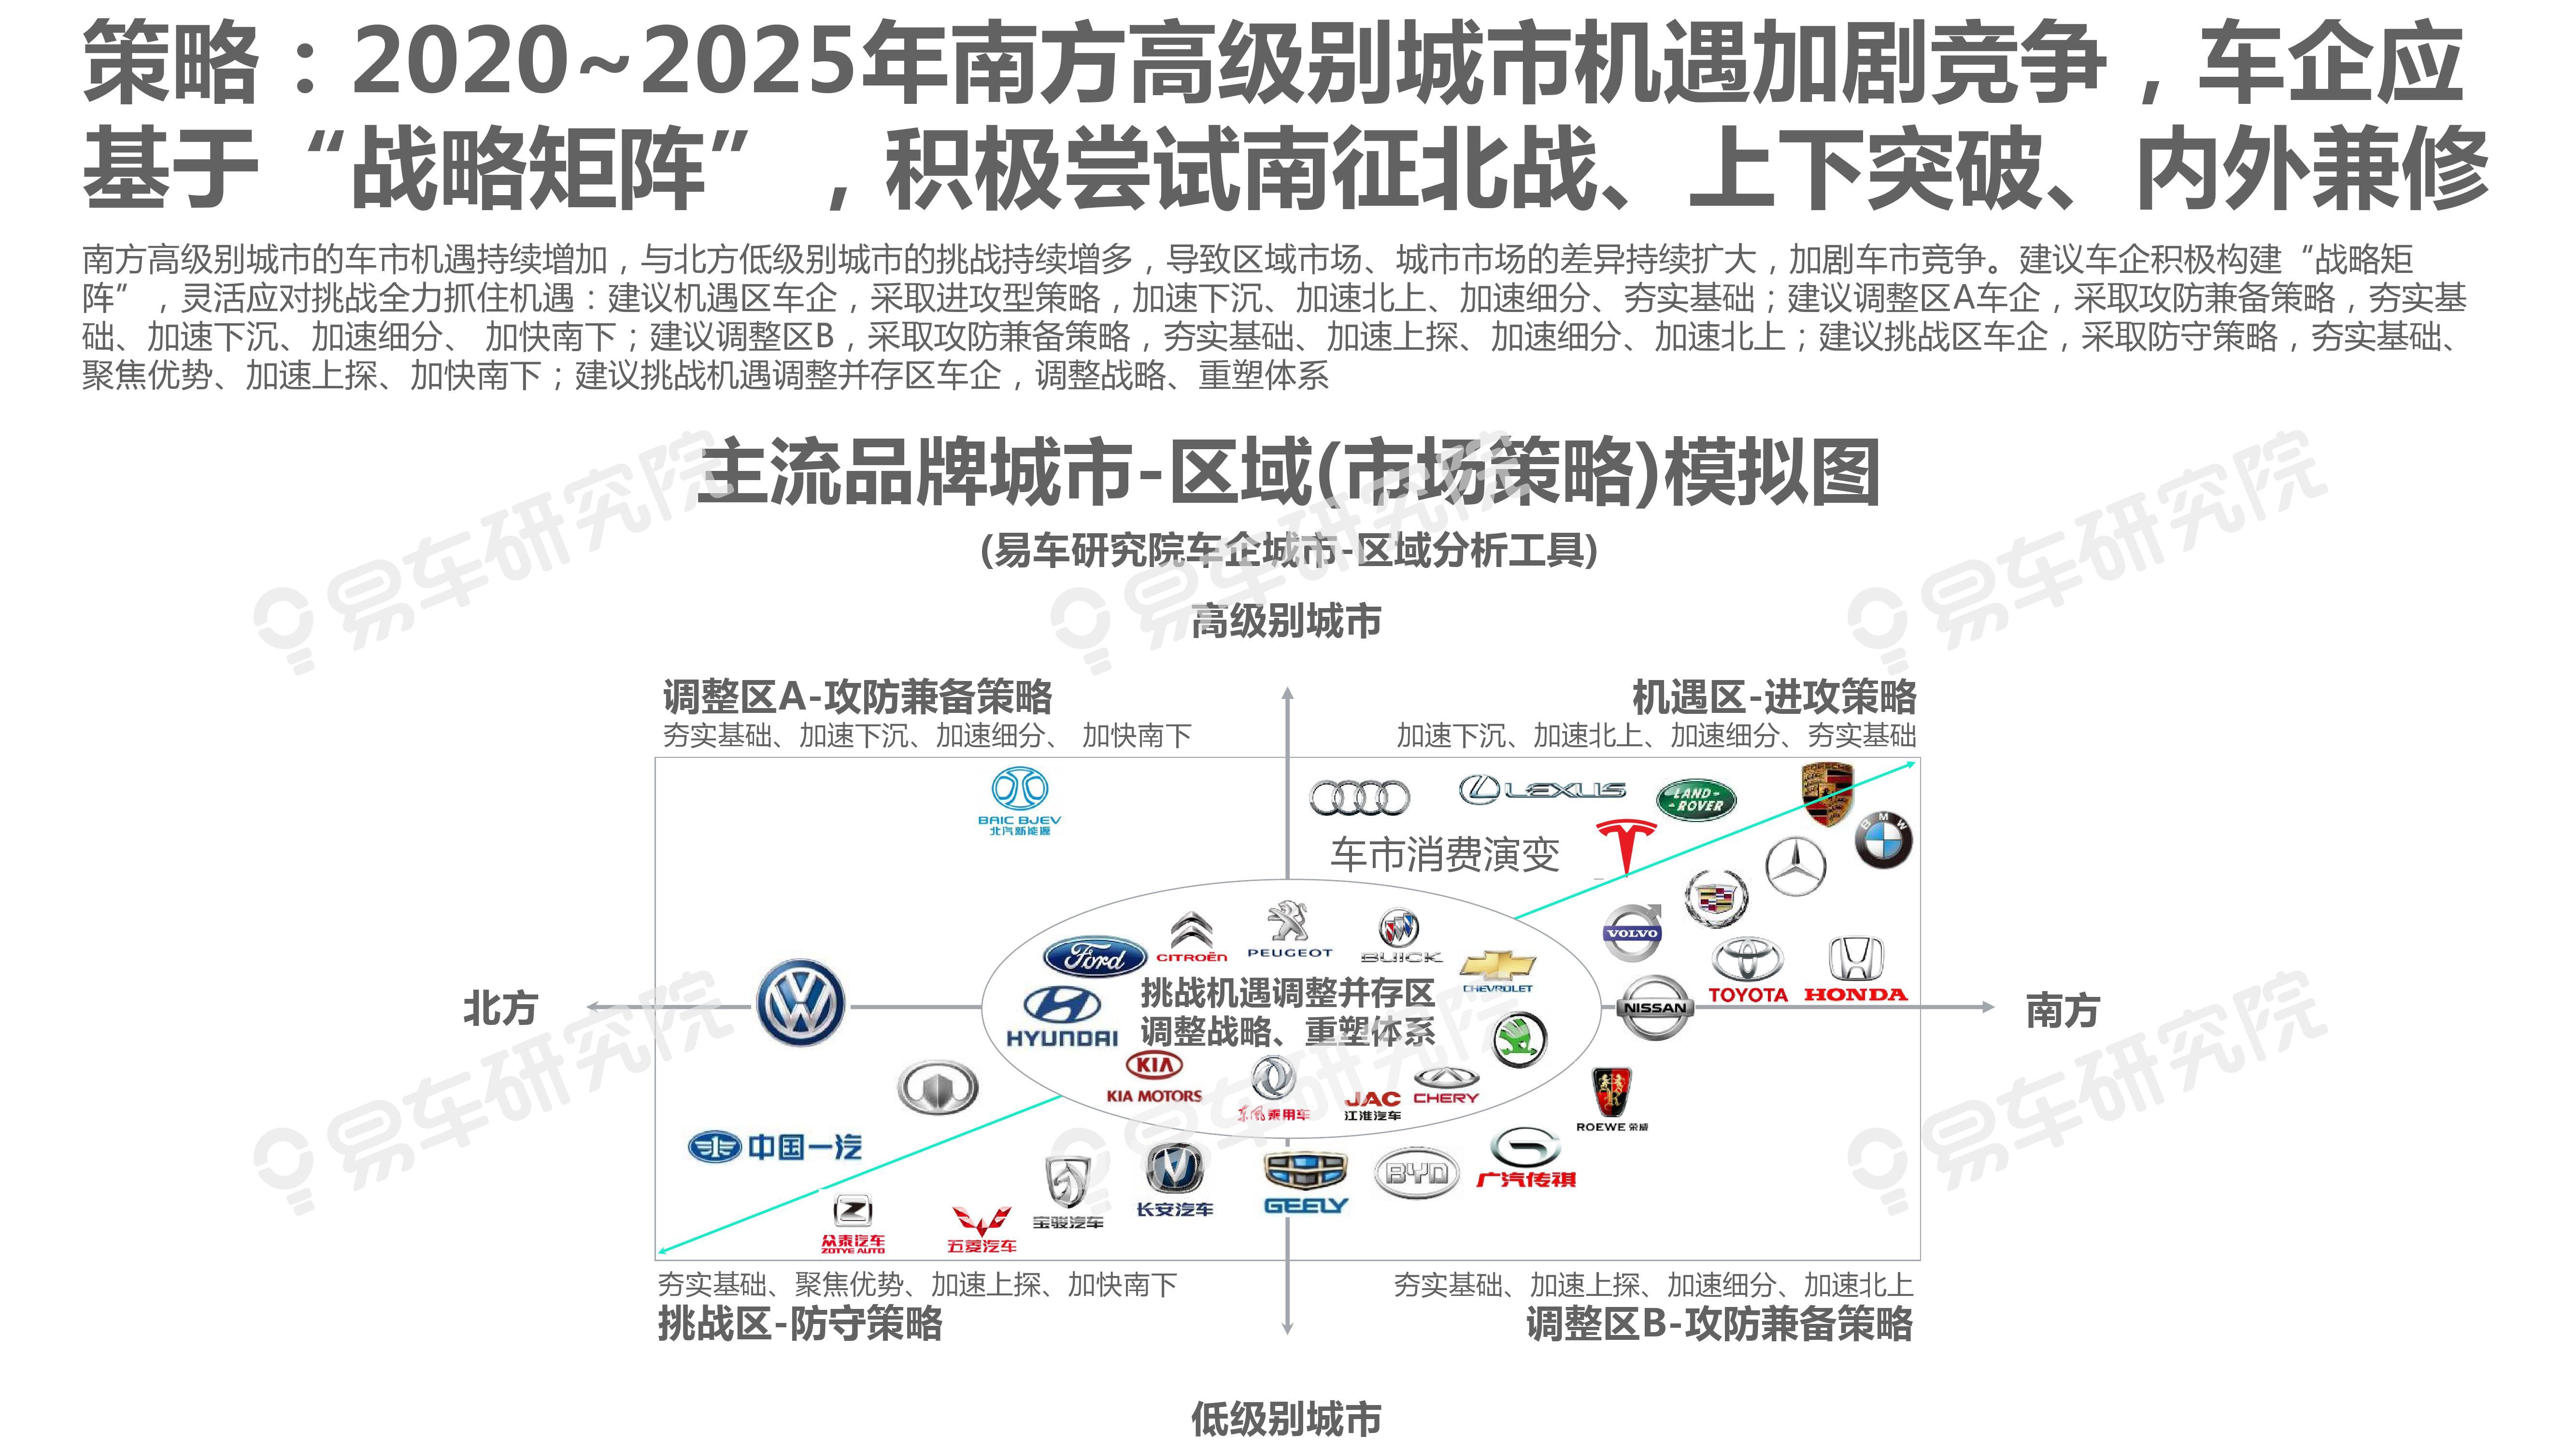 """2020-2025年城市:区域洞察报告—车企急需构建""""战略矩阵""""(可下载报告)插图(31)"""